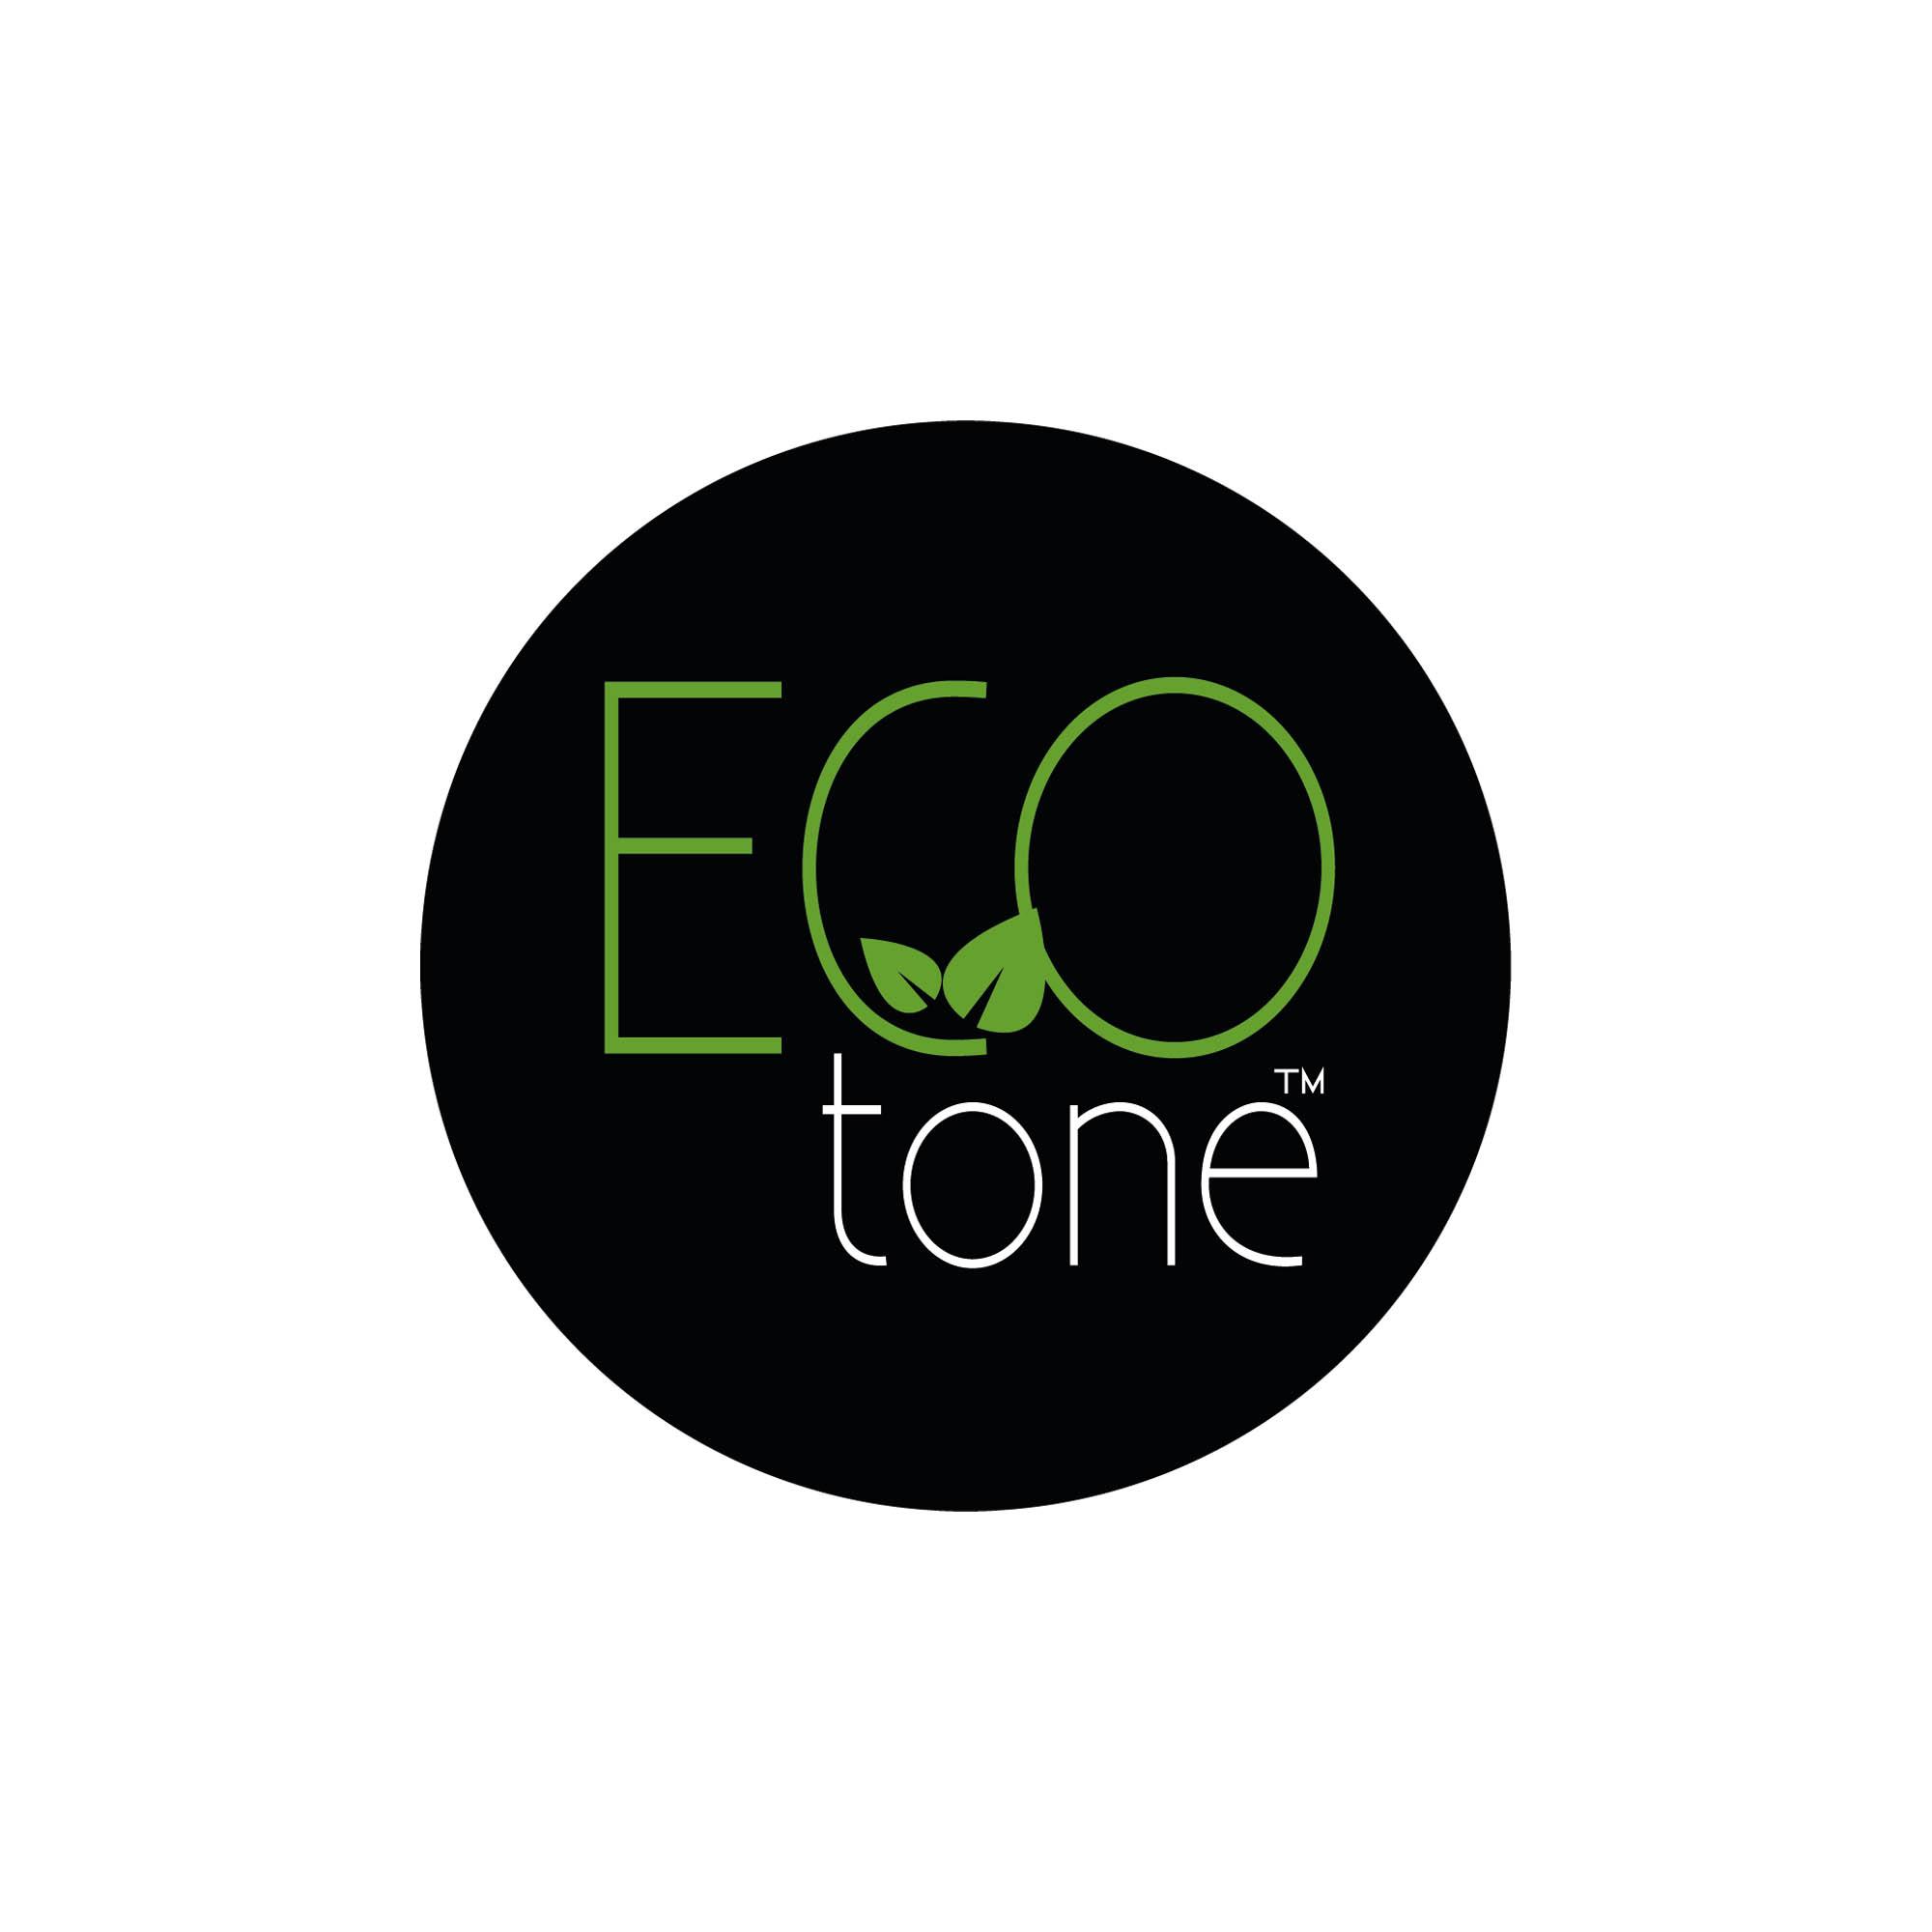 Logo_EcoTone_2000x2000